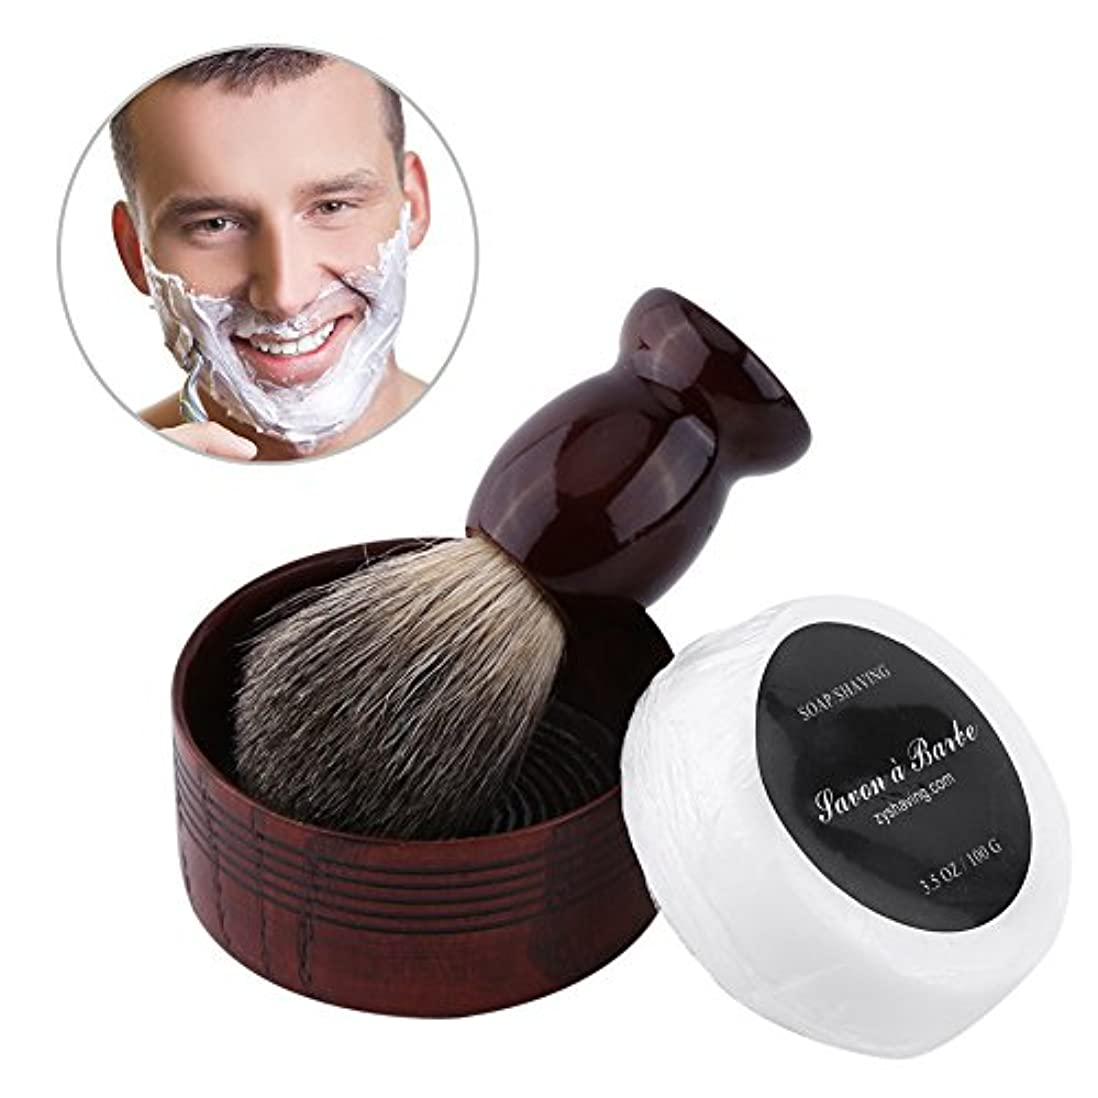 のぞき穴矢じり吸い込むひげブラシ、メンズシェービングブラシ 泡立ち ひげブラシ 理容 洗顔 髭剃り シェービングブラシ +ハンドメイドソープ+シェービングボウル メンズ ポータブルひげ剃り美容ツール